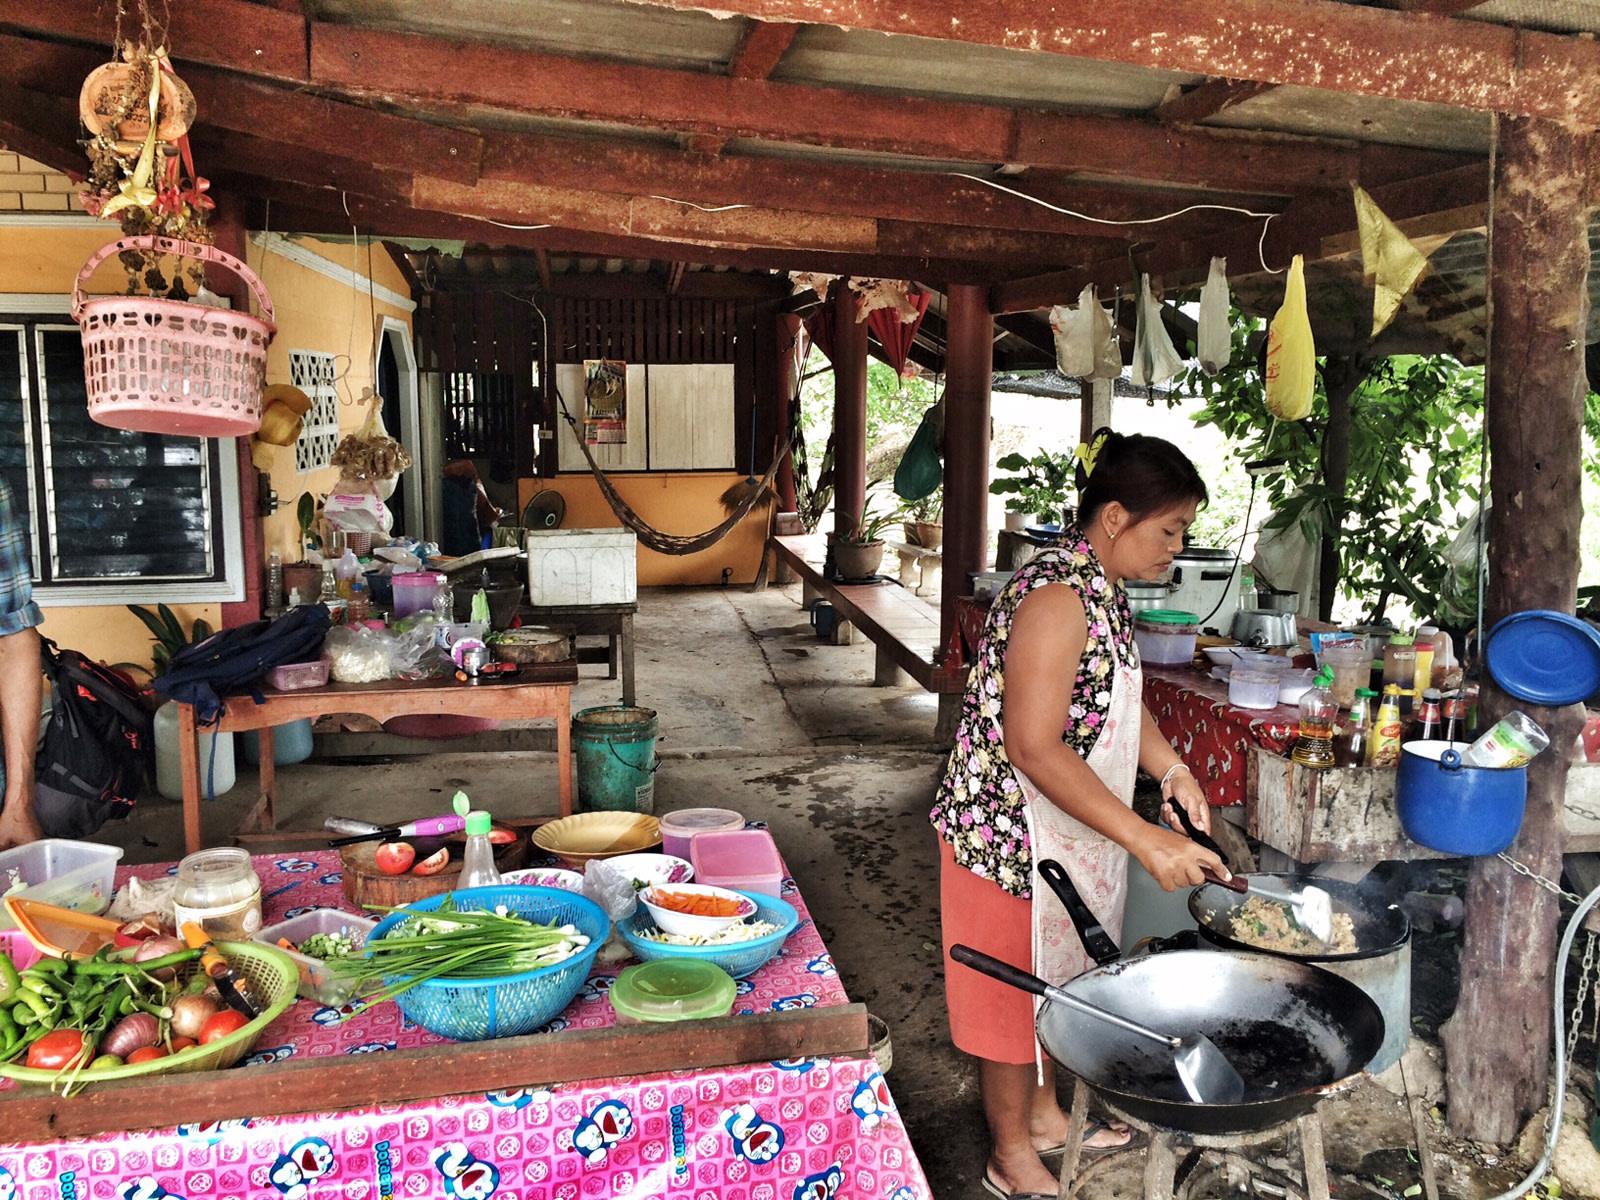 Thailandia - ristorante di strada ok